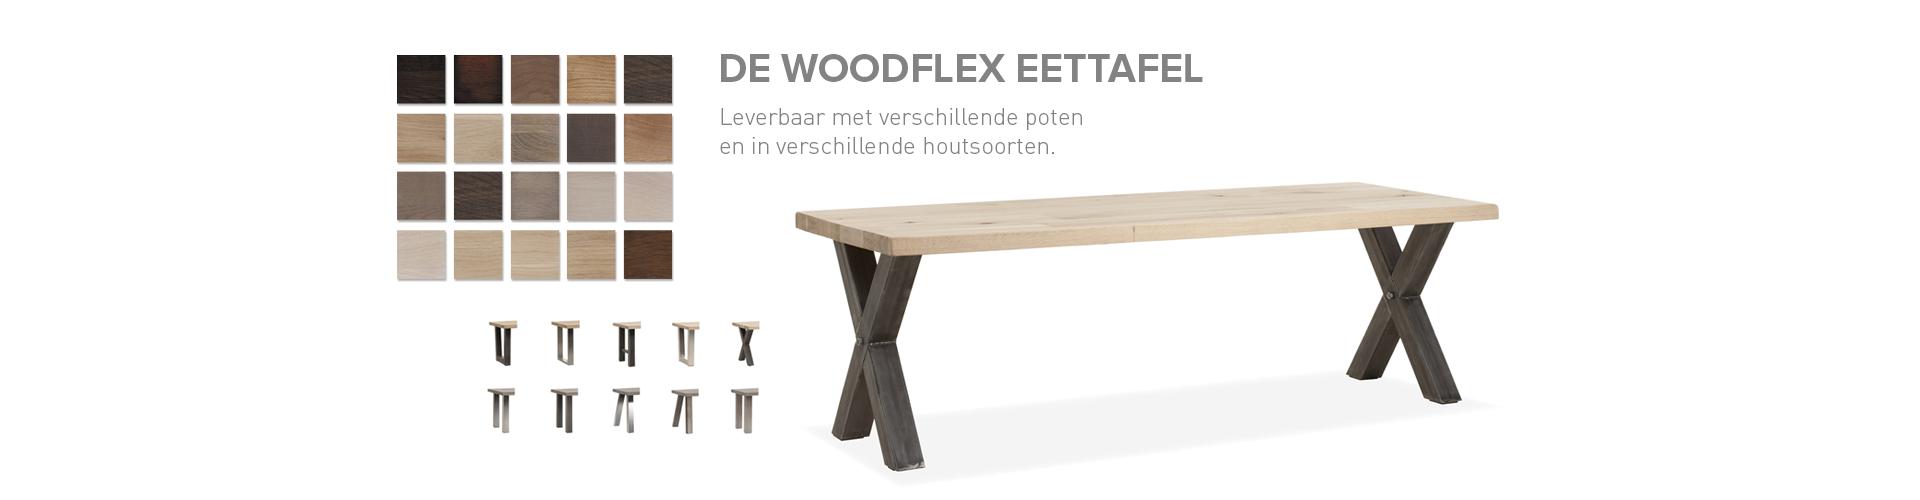 Herraets Wonen Collectie Tafels, Woodflex Eettafel